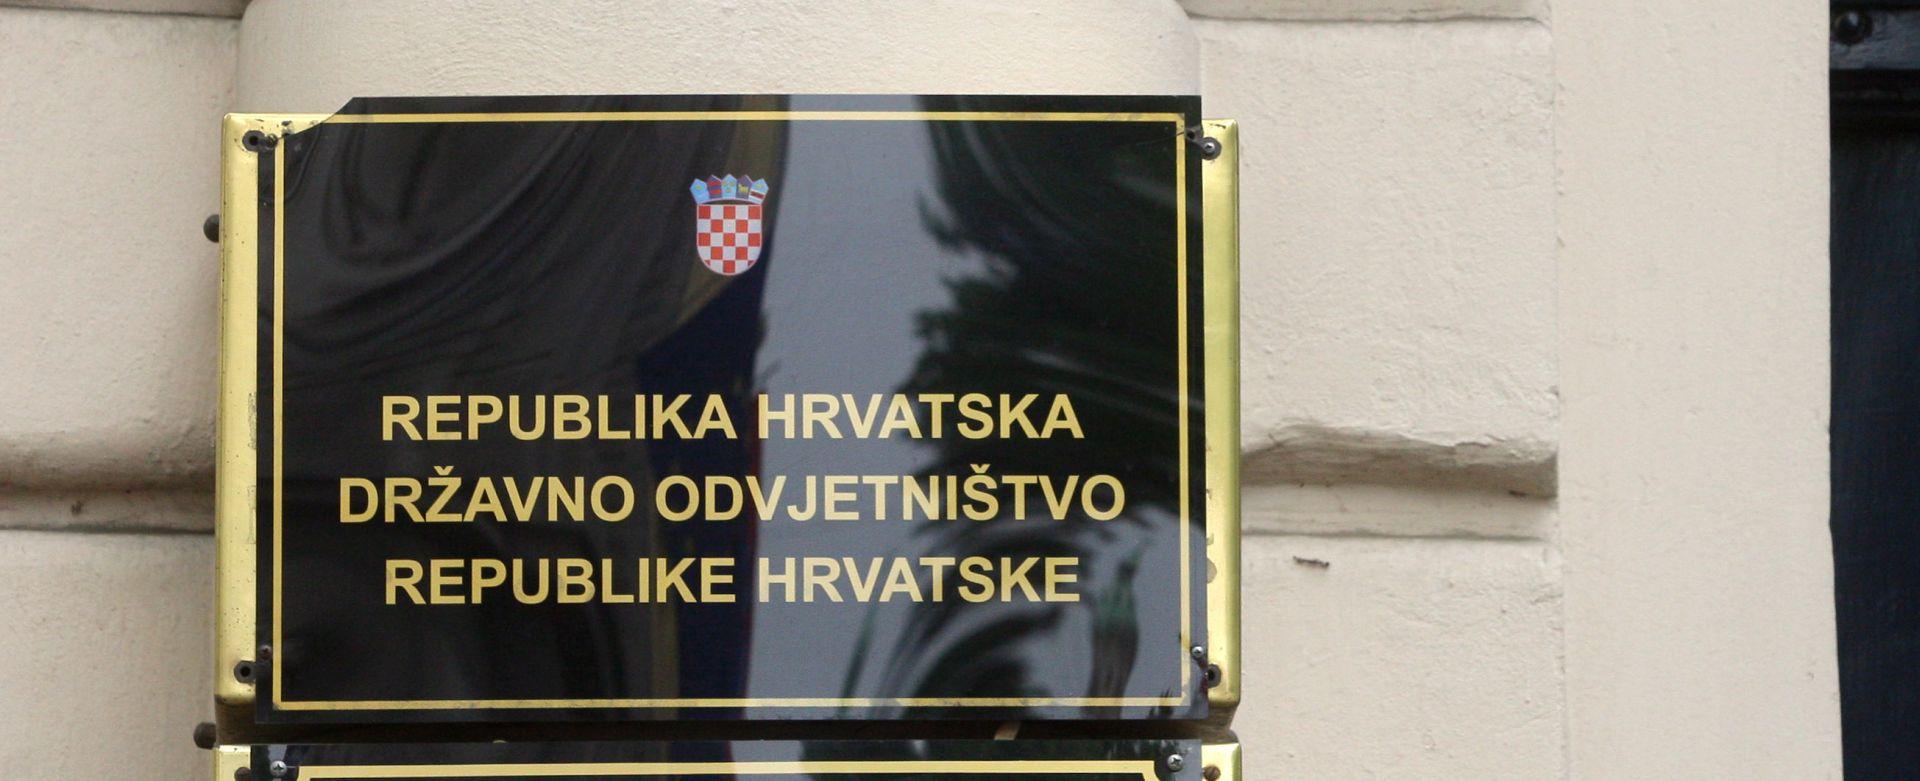 Srbin optužen zbog zlostavljanja pripadnika HVO-a i HOS-a